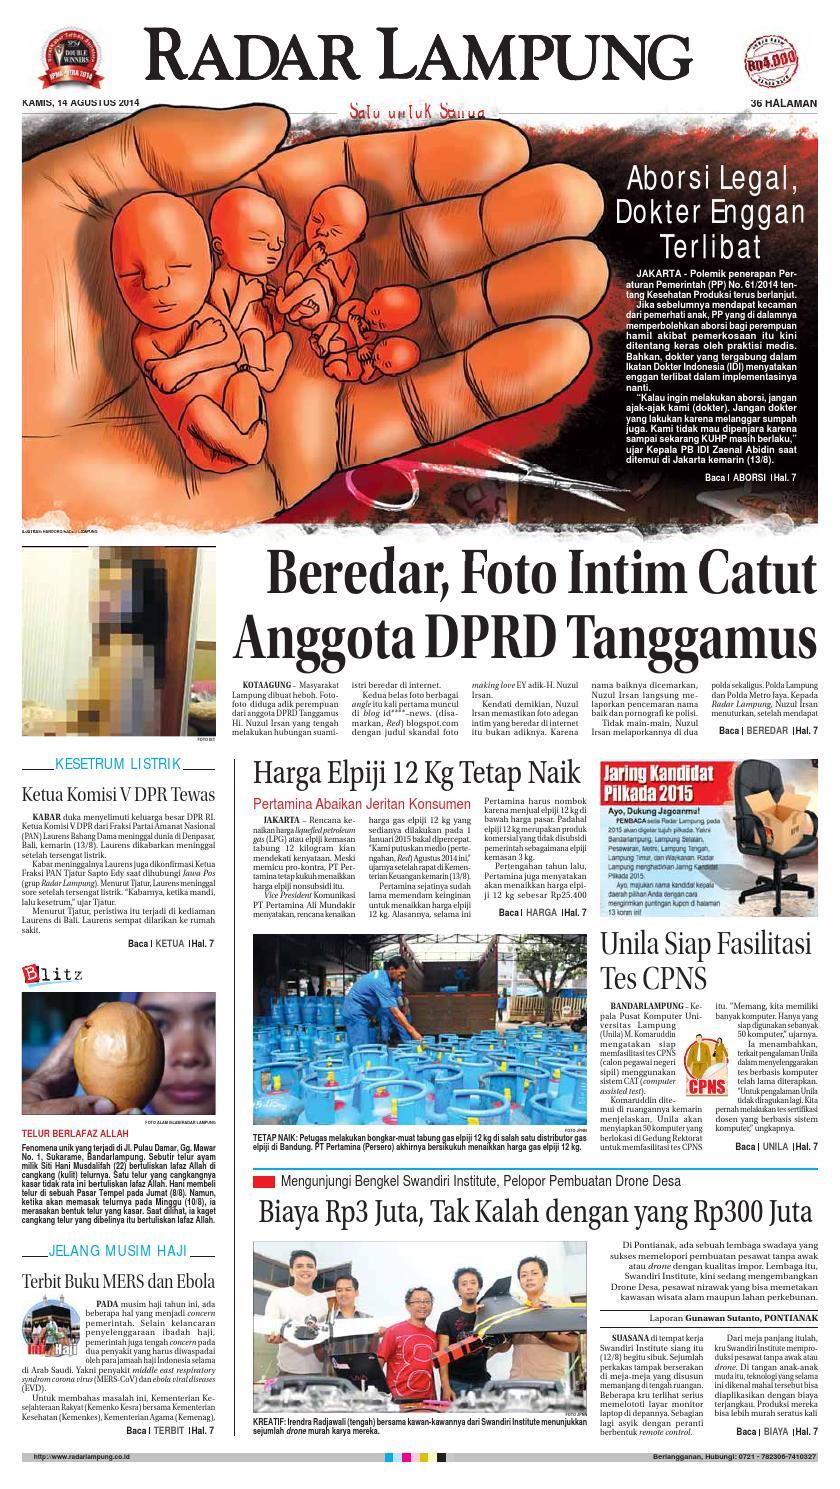 Radar Lampung Kamis 14 Agustus 2014 By Ayep Kancee Issuu Produk Ukm Bumn Barbekyu Kelitik Surabaya